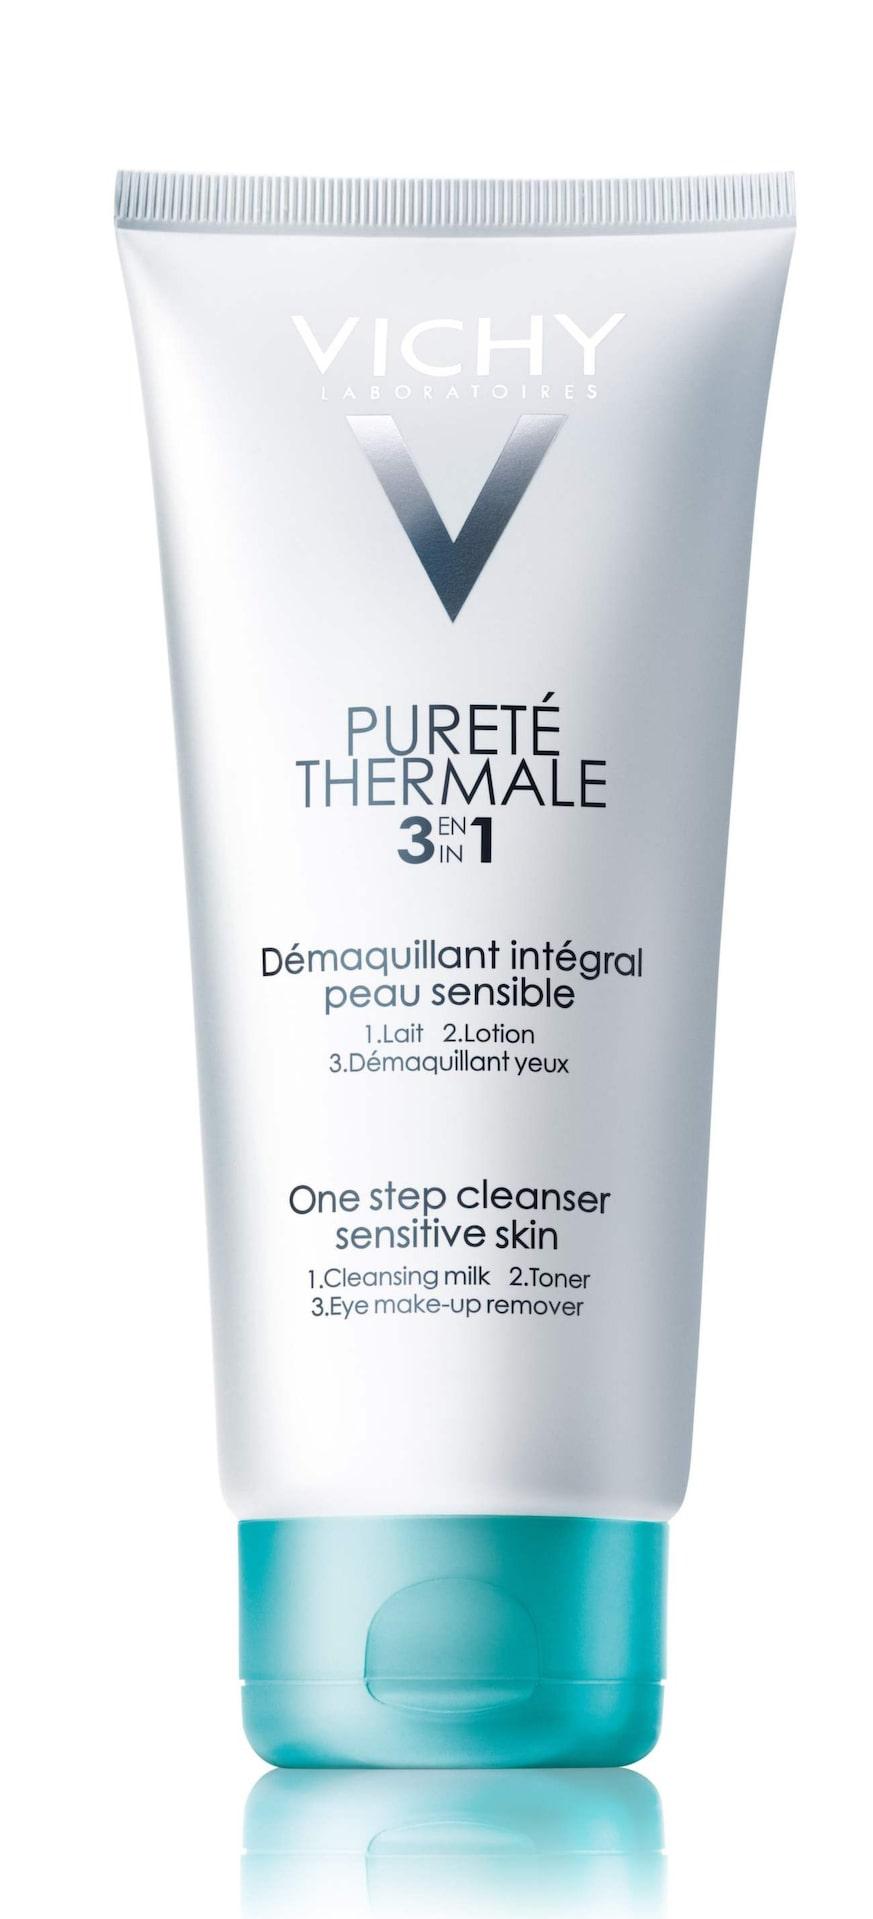 Pureté thermal 3-i-1,129 kronor/200 ml, VichyStorsäljareMjuk gelémjölkig konsistens som ger en fräsch känsla på huden. Renast blir huden om rengöringen appliceras på bomullsrondeller. Funkar sämre på vattenfast mascara.Vichy.se